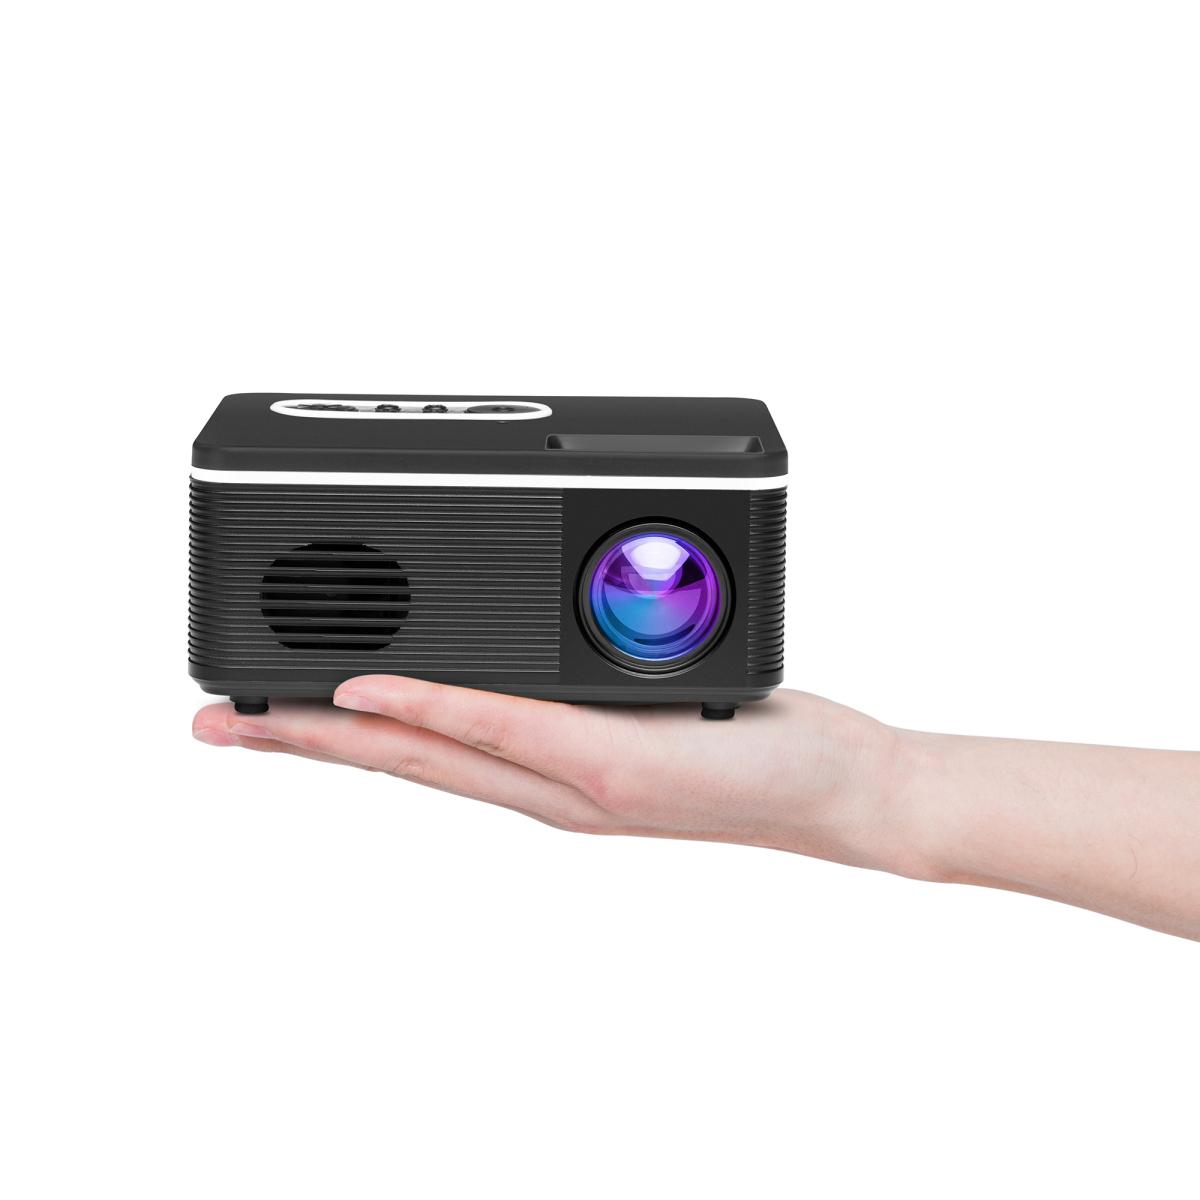 가성비 미니 홈 빔 프로젝터 스마트폰 LED 휴대용, Black standard